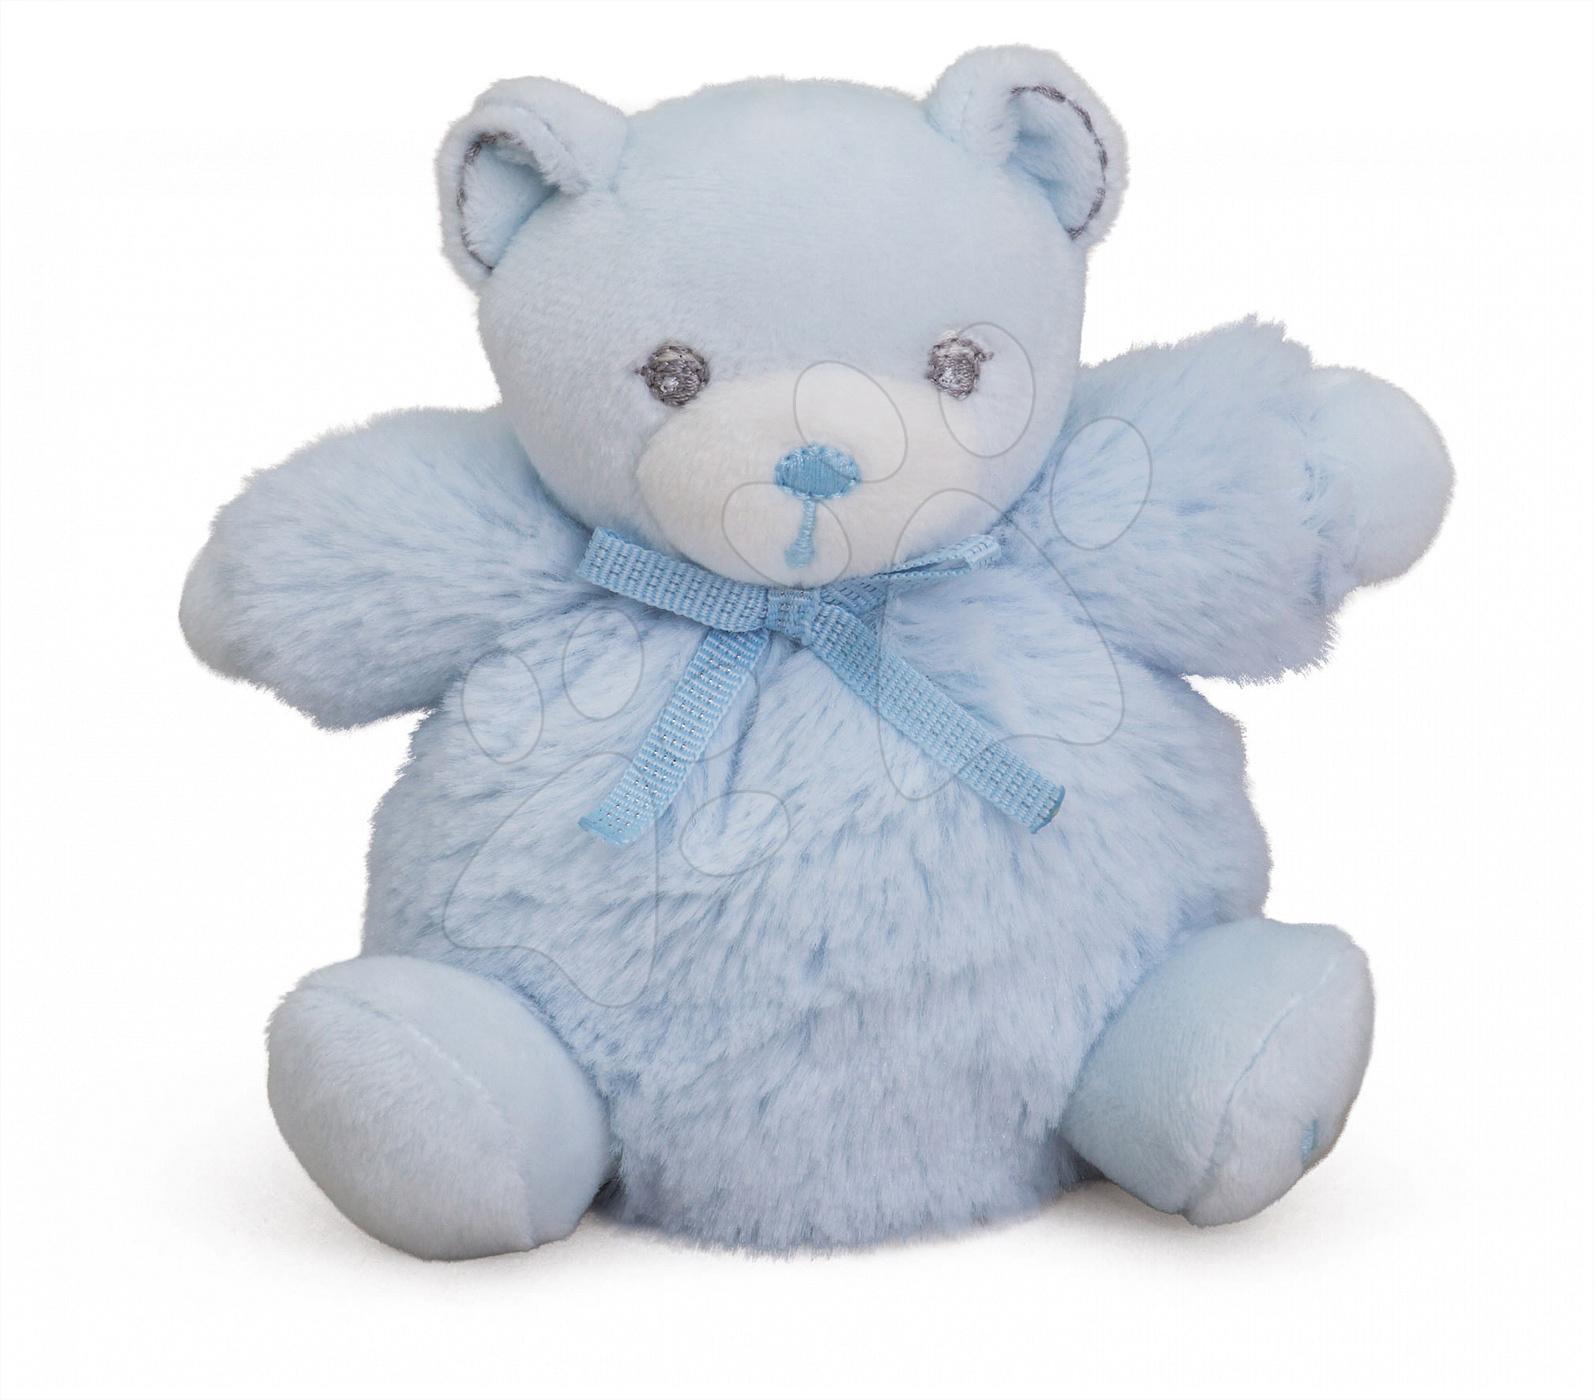 Plyšové medvede - Plyšový medvedík Perle-Mini Chubbies Bear Kaloo 12 cm pre najmenších modrý